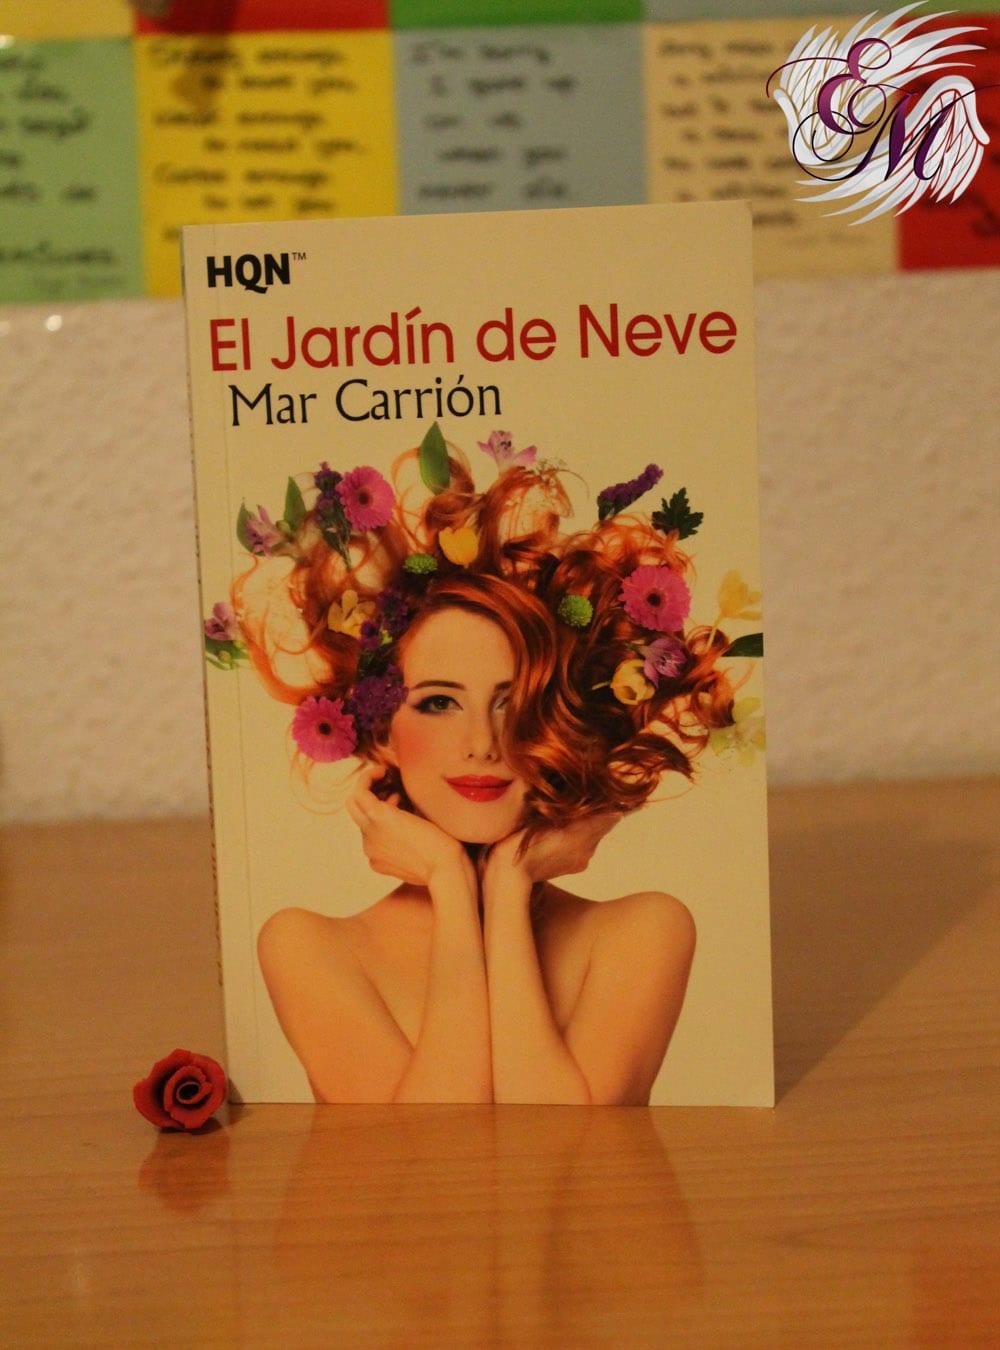 Recomendaciones literarias románticas 27/05/16